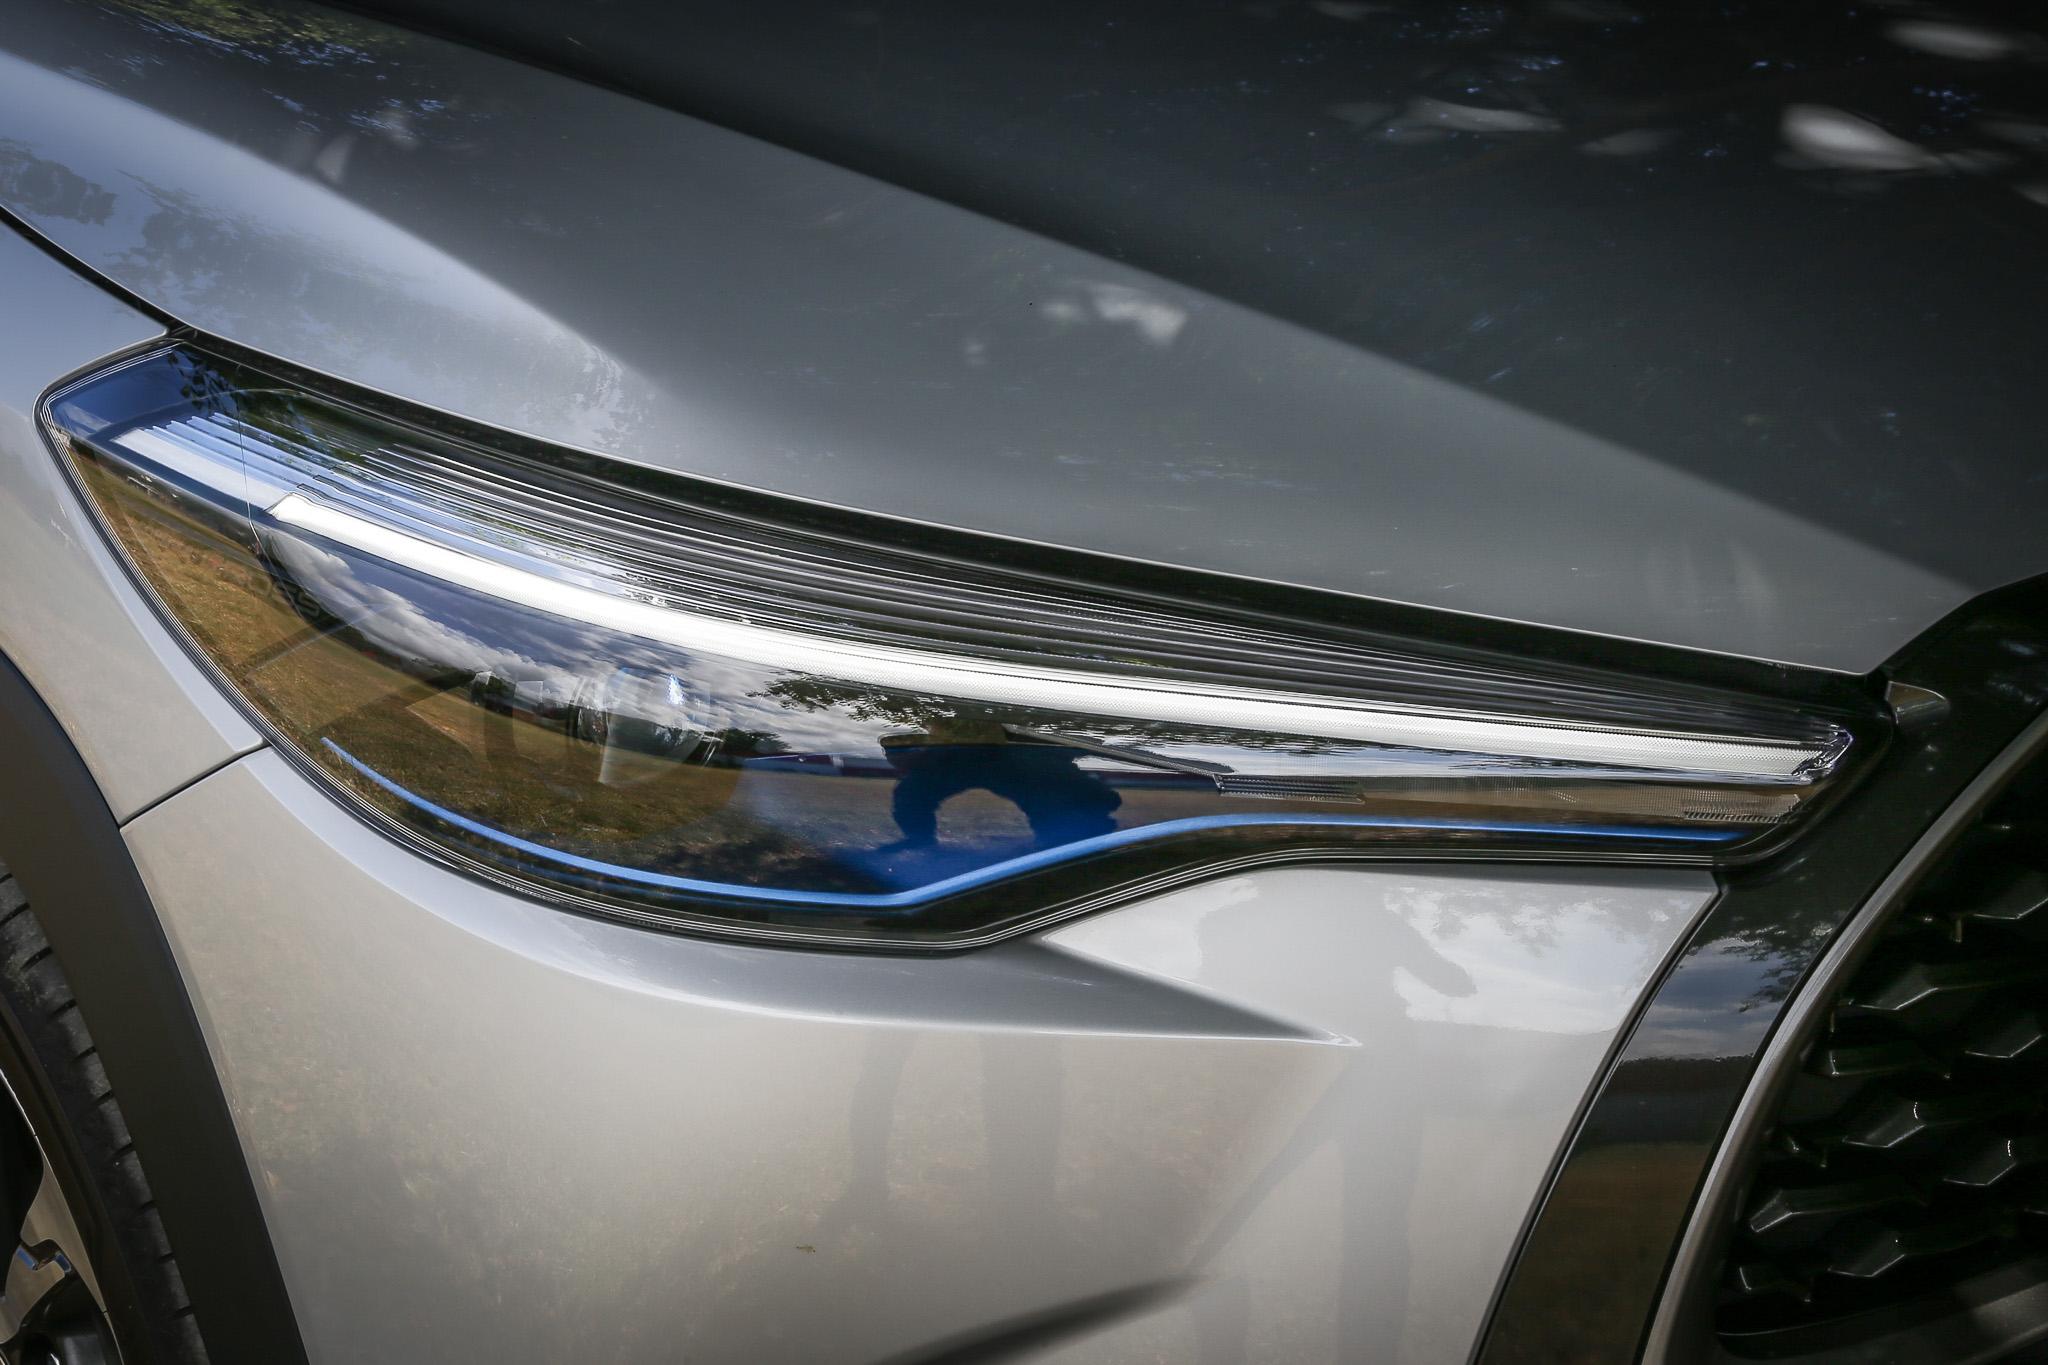 採用 Bi-Beam LED 投射式頭燈,1.8L 油電旗艦款更配備有 LED 前後霧燈。